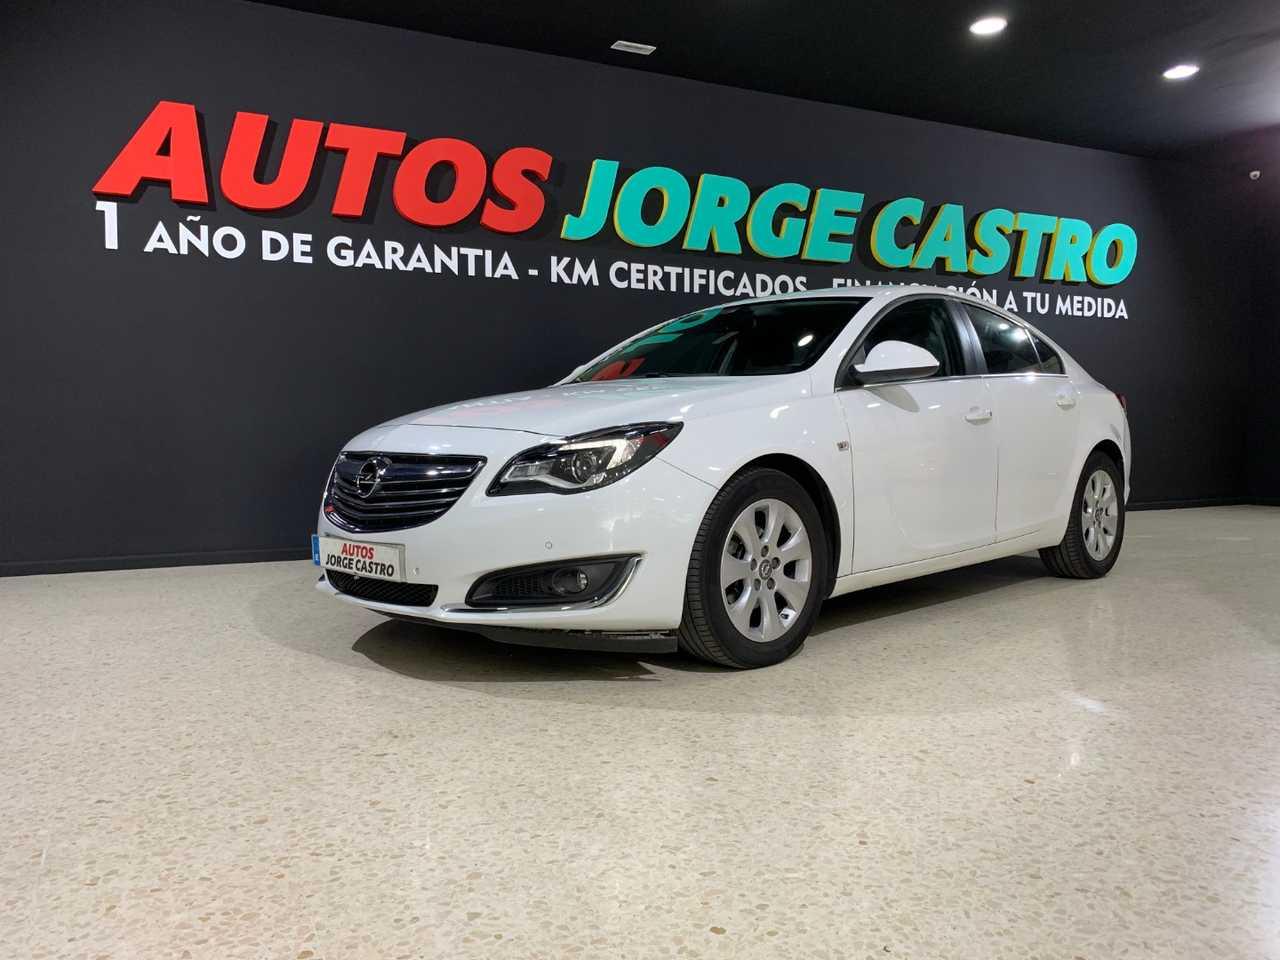 Opel Insignia  2.0 CDTI BUSSINES 120CV   - Foto 1